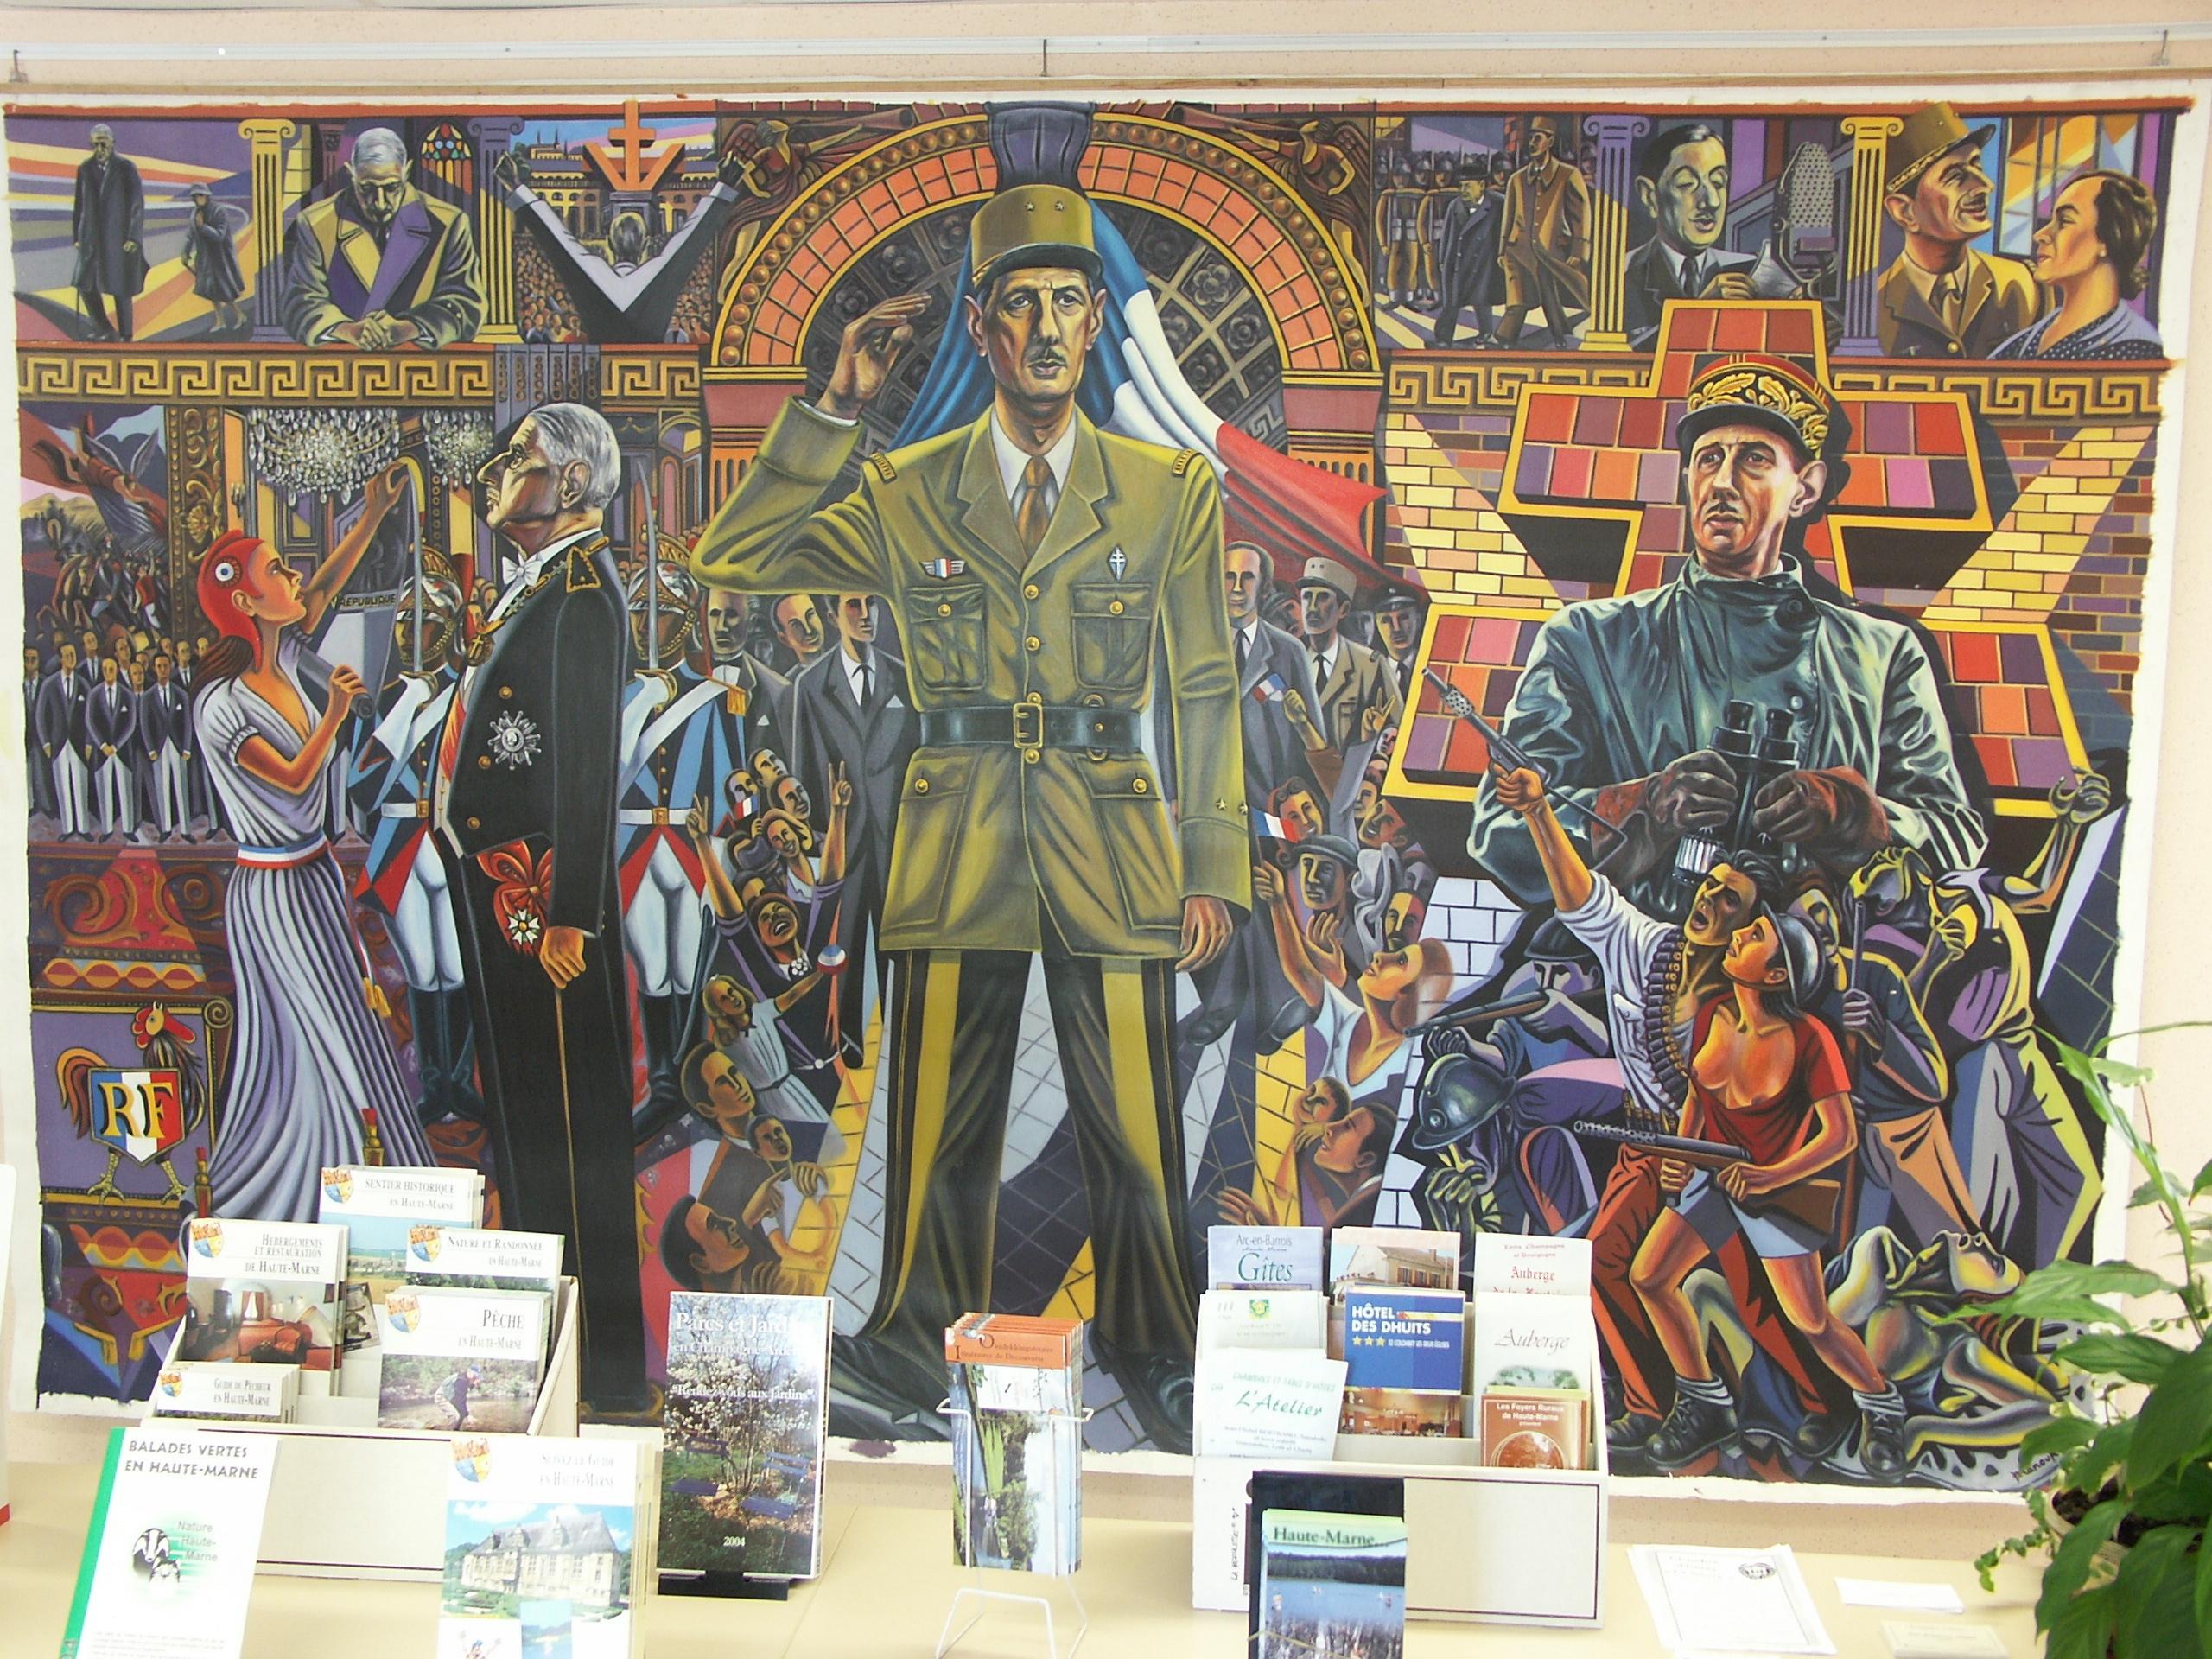 Väggdekoration i turistbyrån i Colombey-les-Deux-Églises, med scener ur Charles de Gaulles liv.